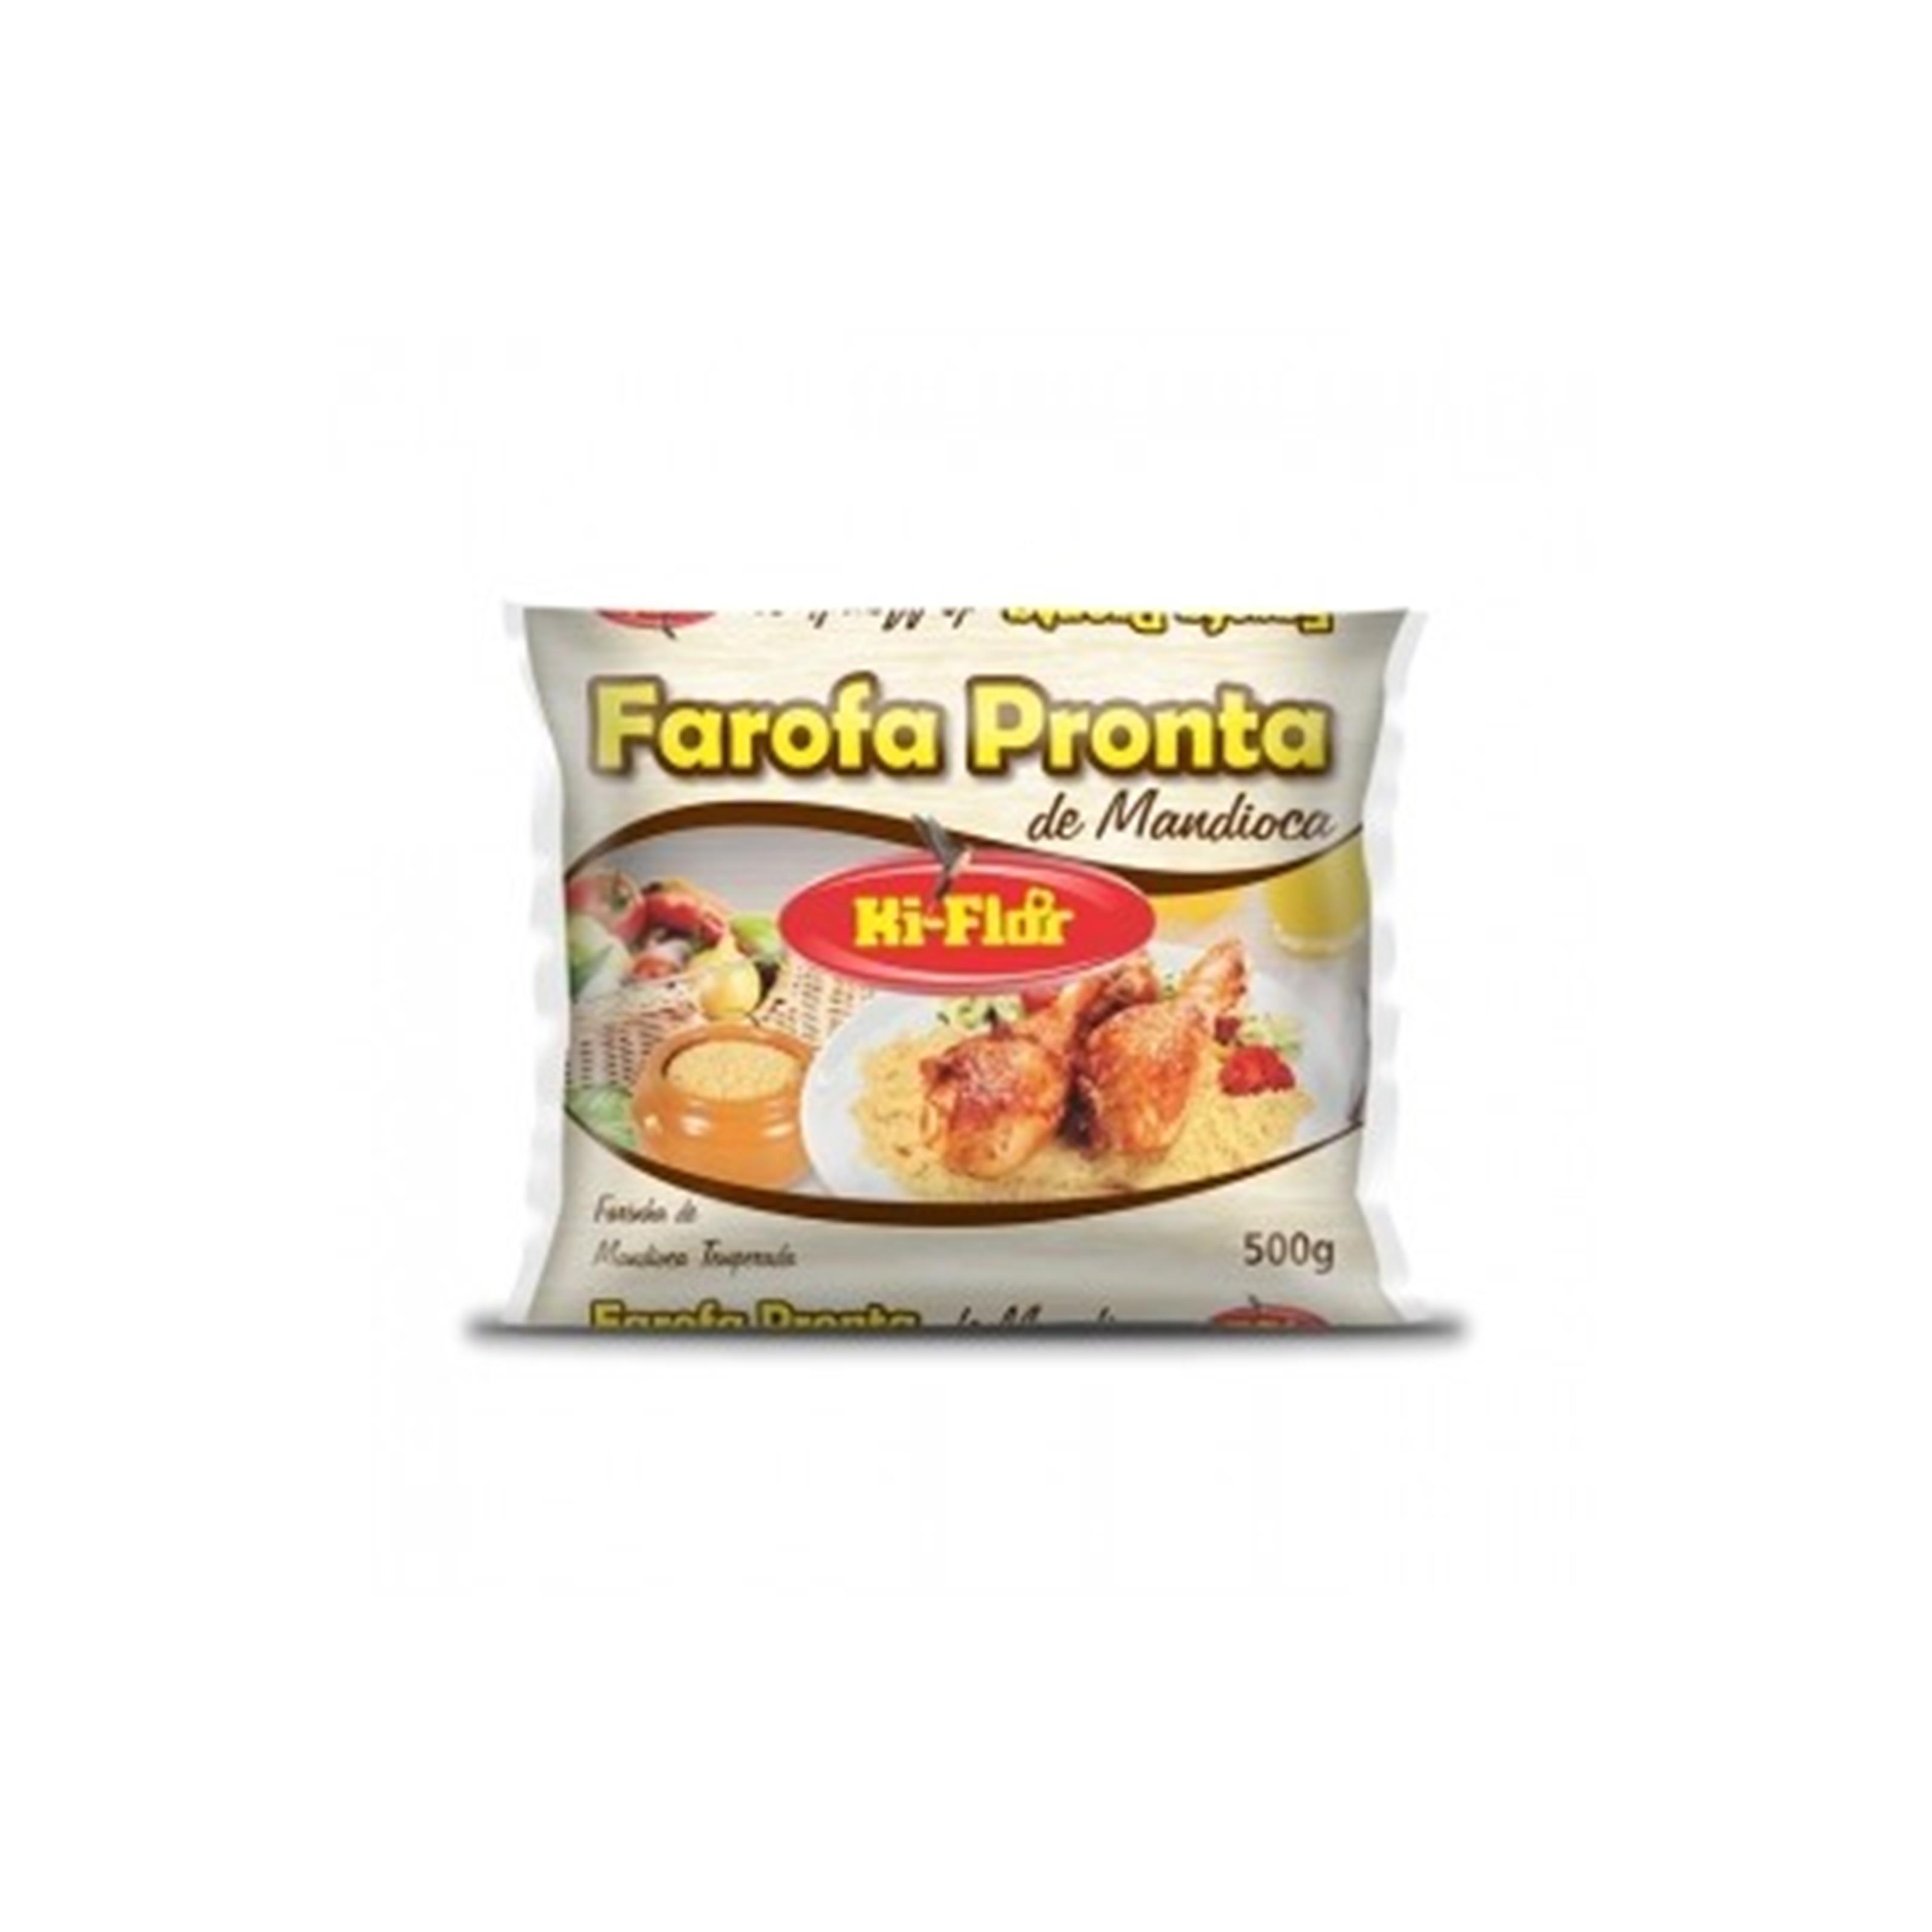 FAROFA PRONTA KI-FLOR FD.24/500G